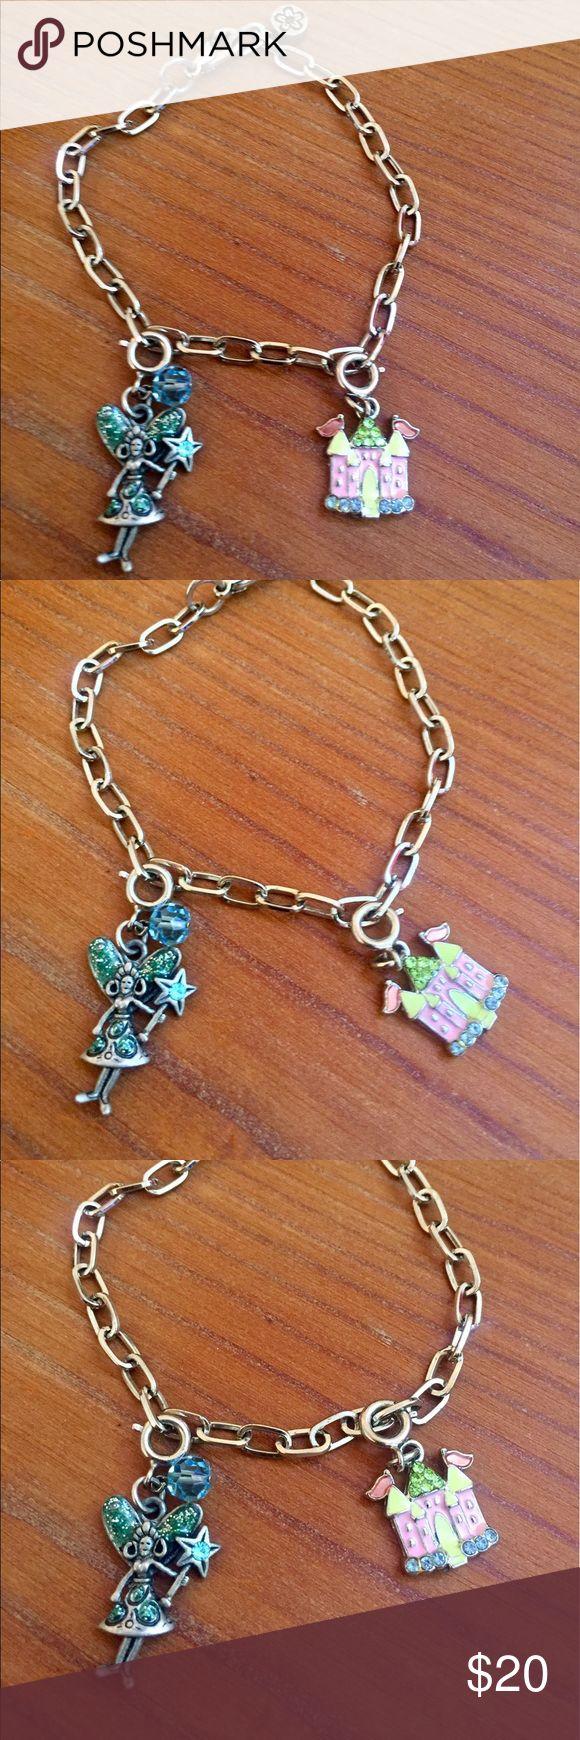 Nordstrom's Charm Bracelet For Girls